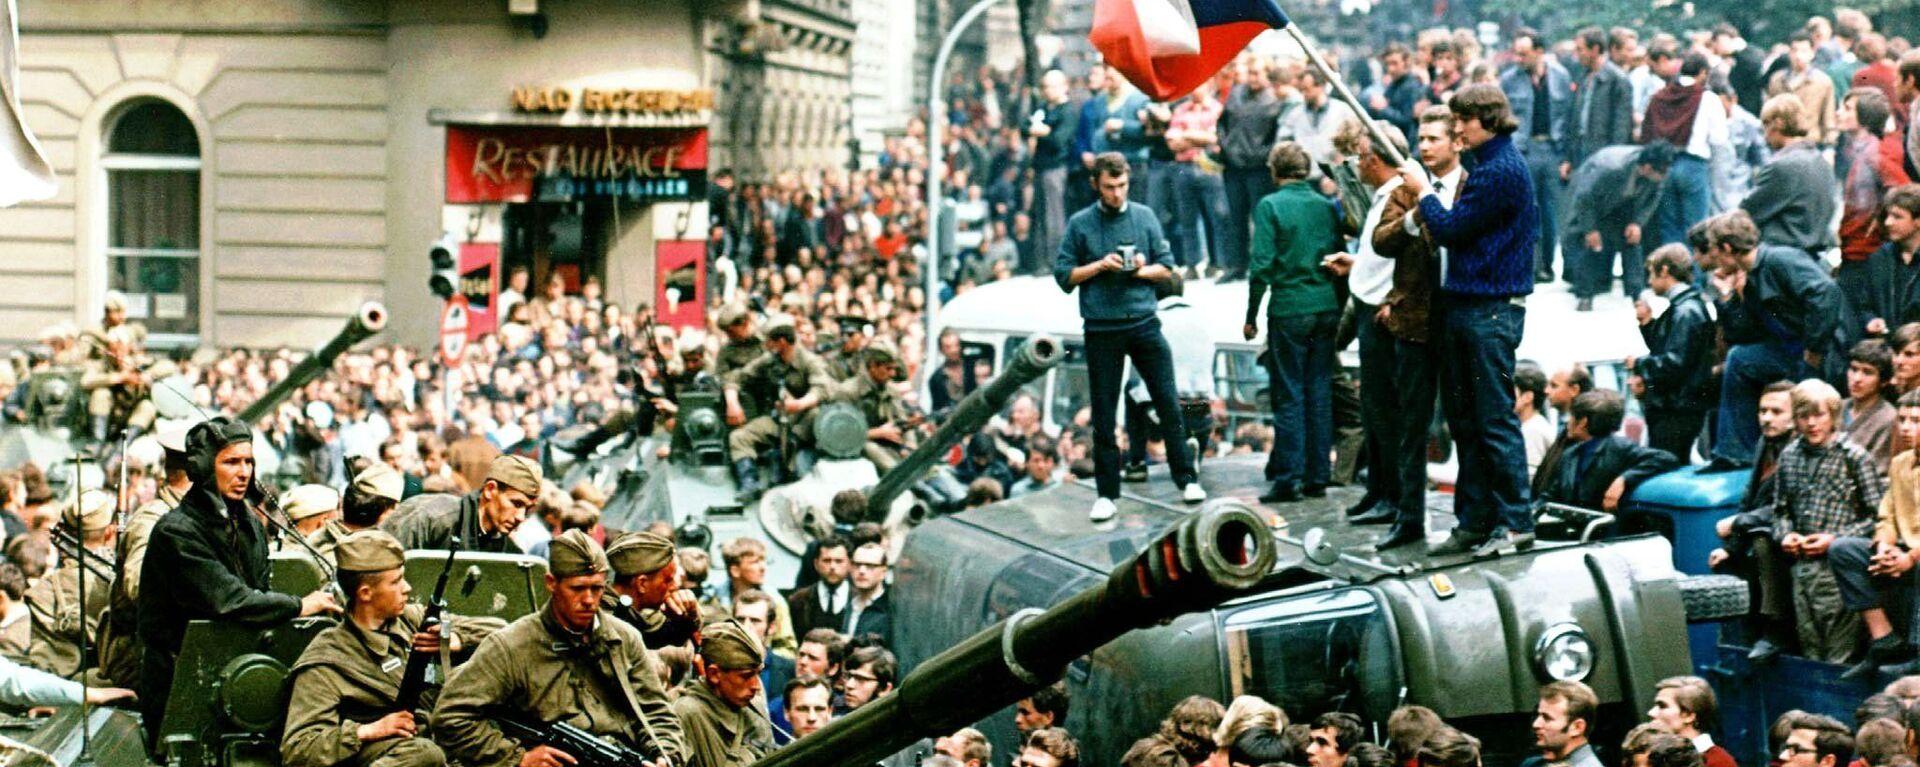 Sovětské tanky v ulicích Prahy v roce 1968 - Sputnik Česká republika, 1920, 20.08.2021